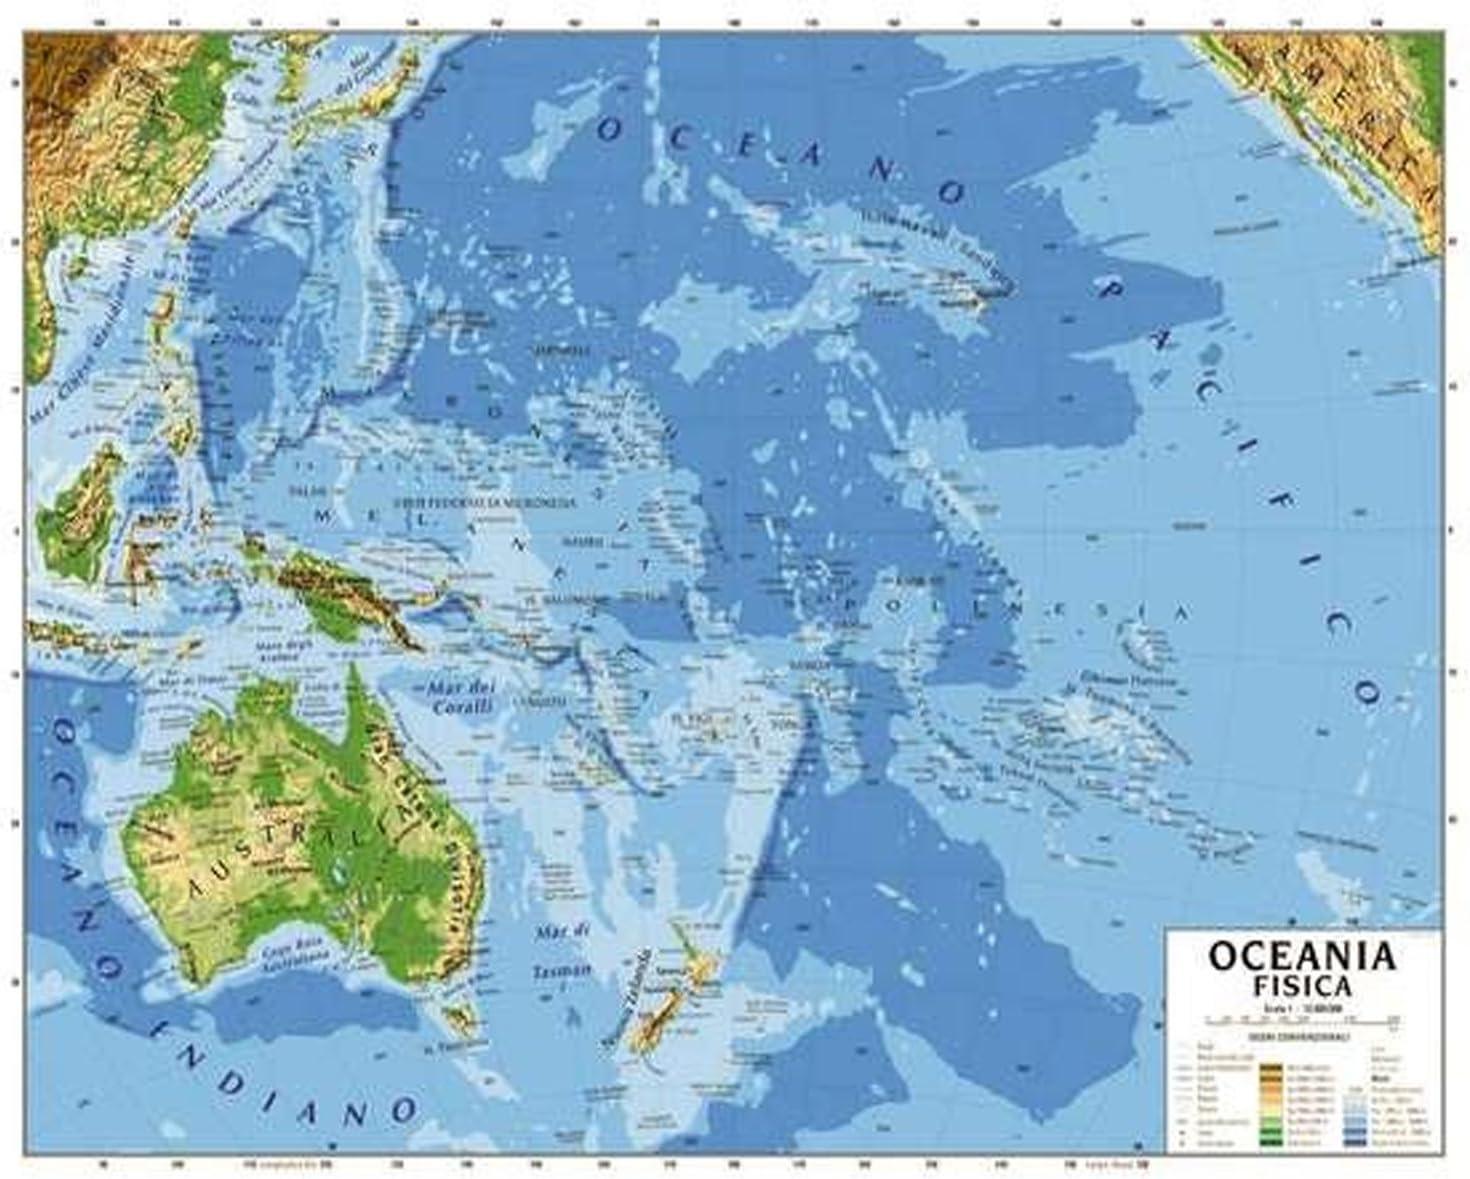 Australia Cartina Geografica.Cartina Carta Geogrifica Oceania Australia Bifacciale Fisica Politica 100x140cm Plastificata Amazon It Cancelleria E Prodotti Per Ufficio